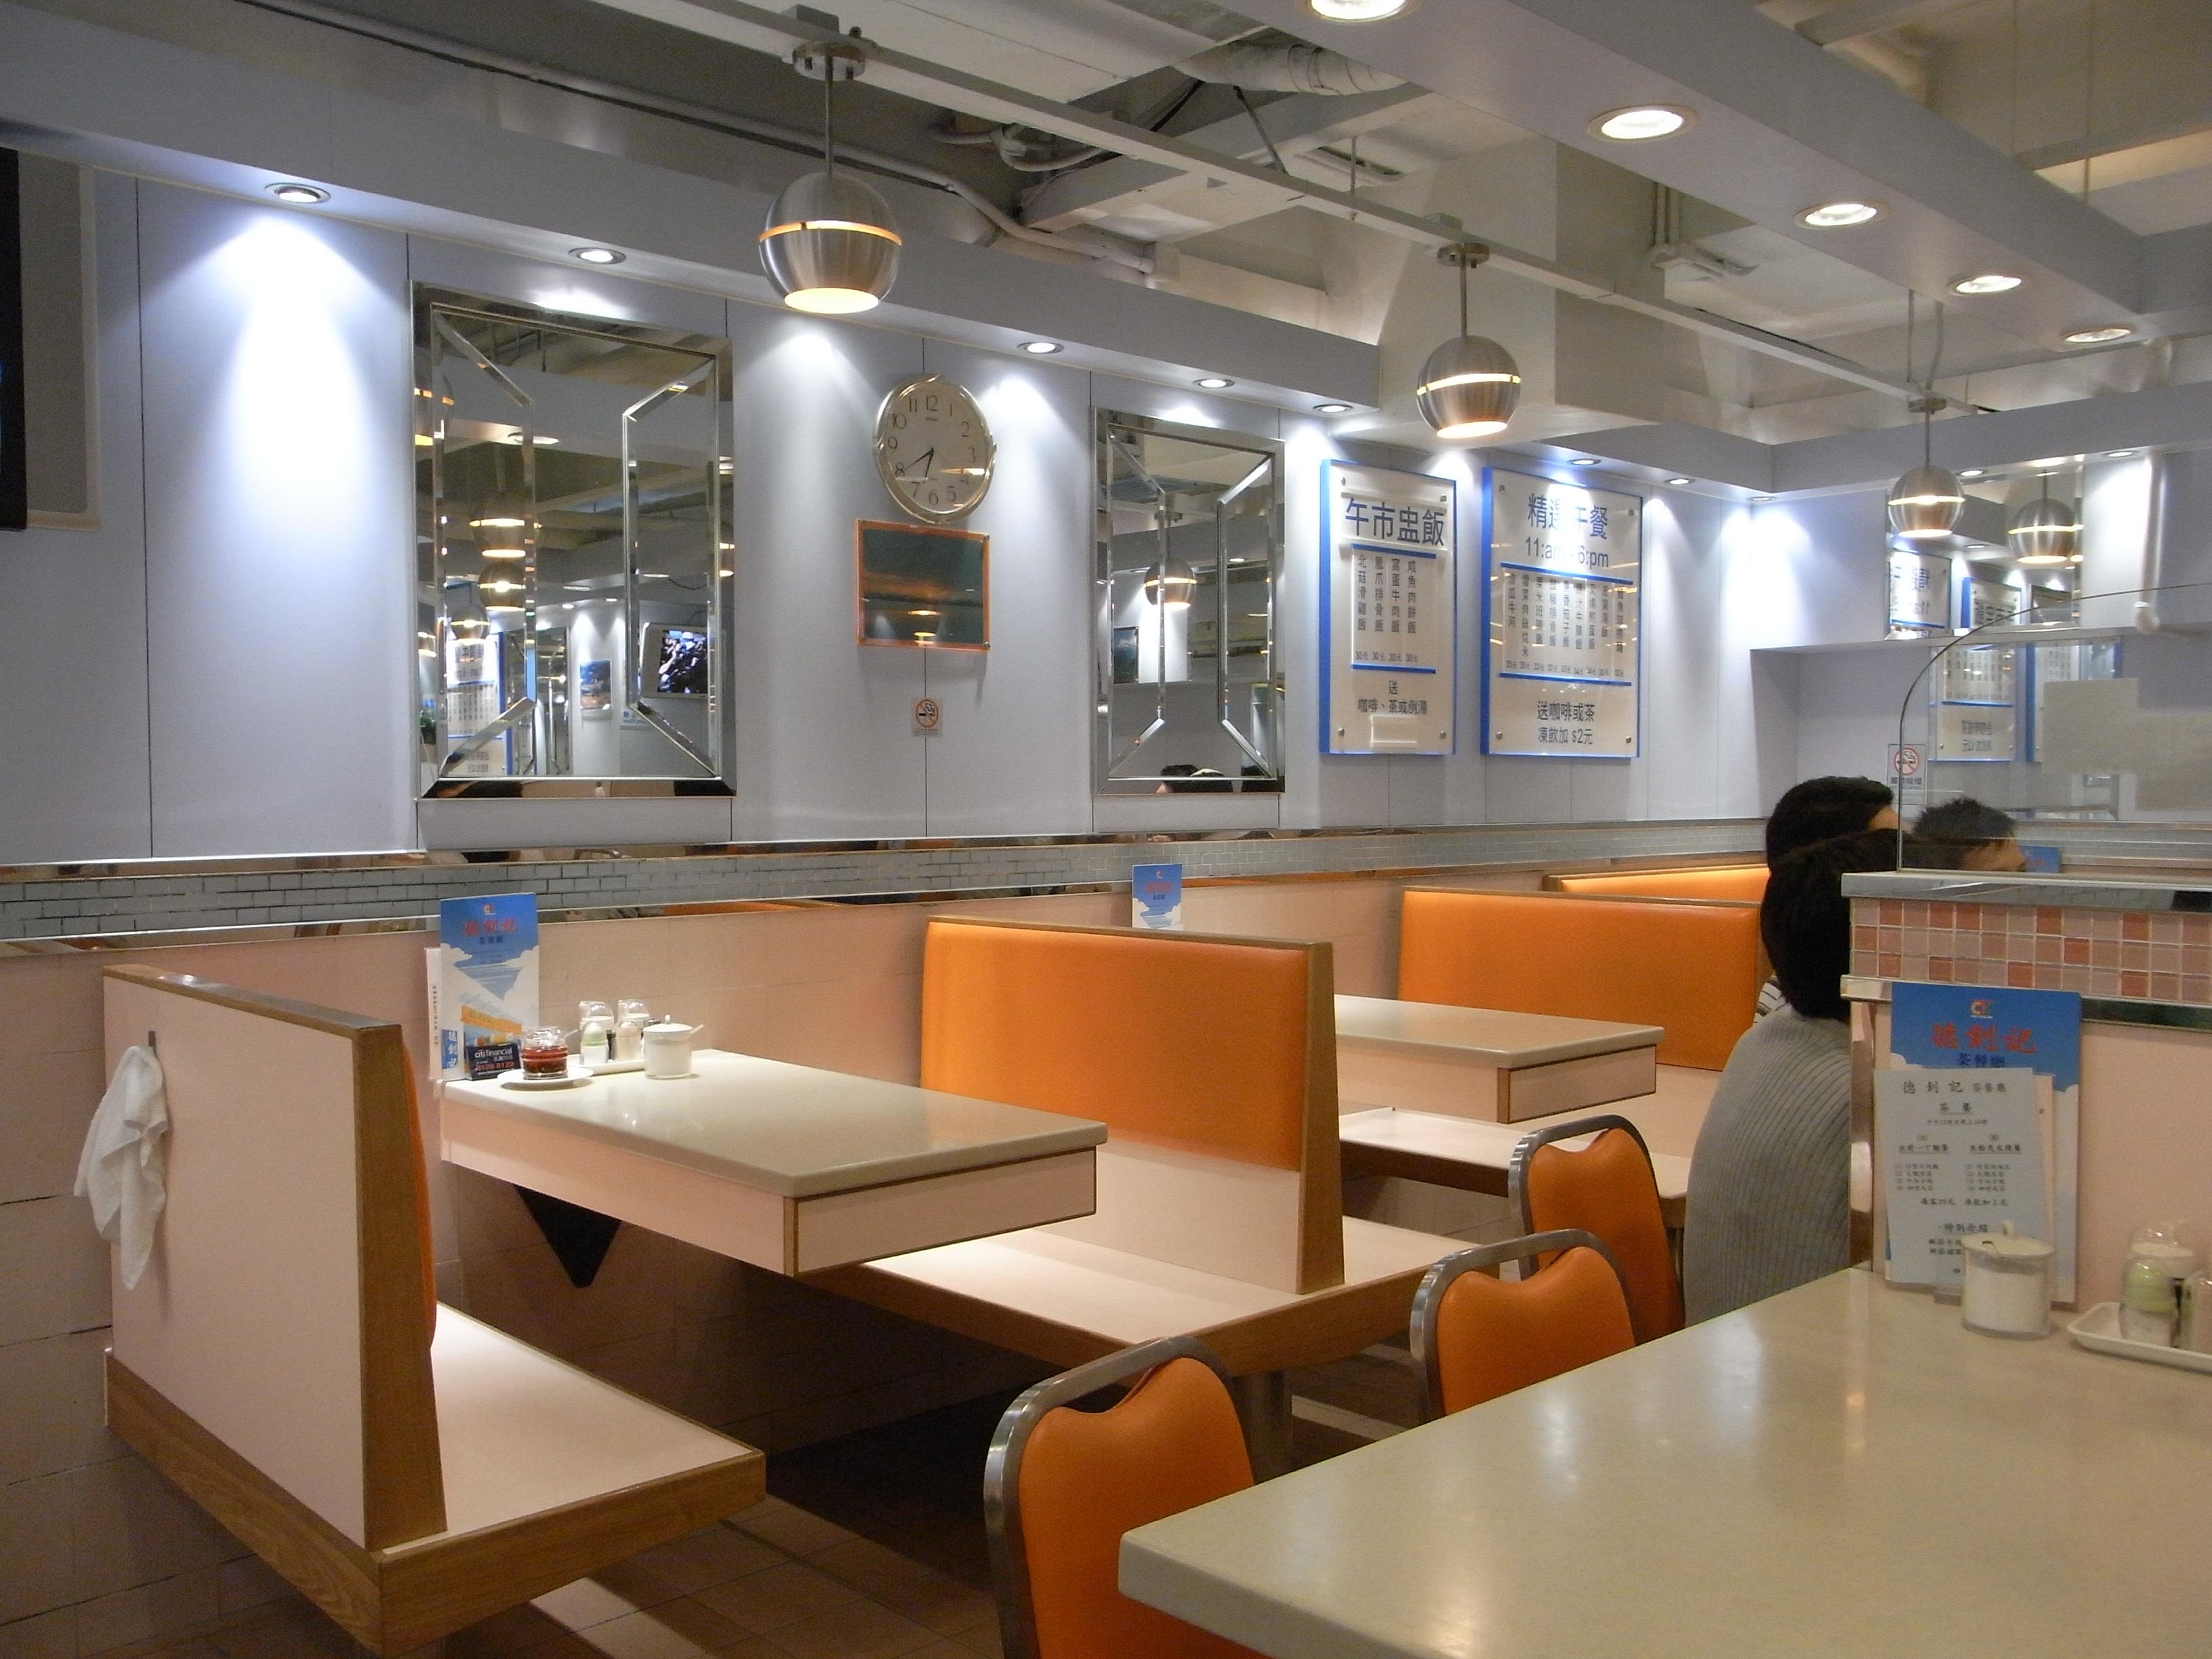 茶餐廳的較屬一般民眾的聚會場所,消費的金額也較平價,因此下班時段總會湧入許多光顧的民眾